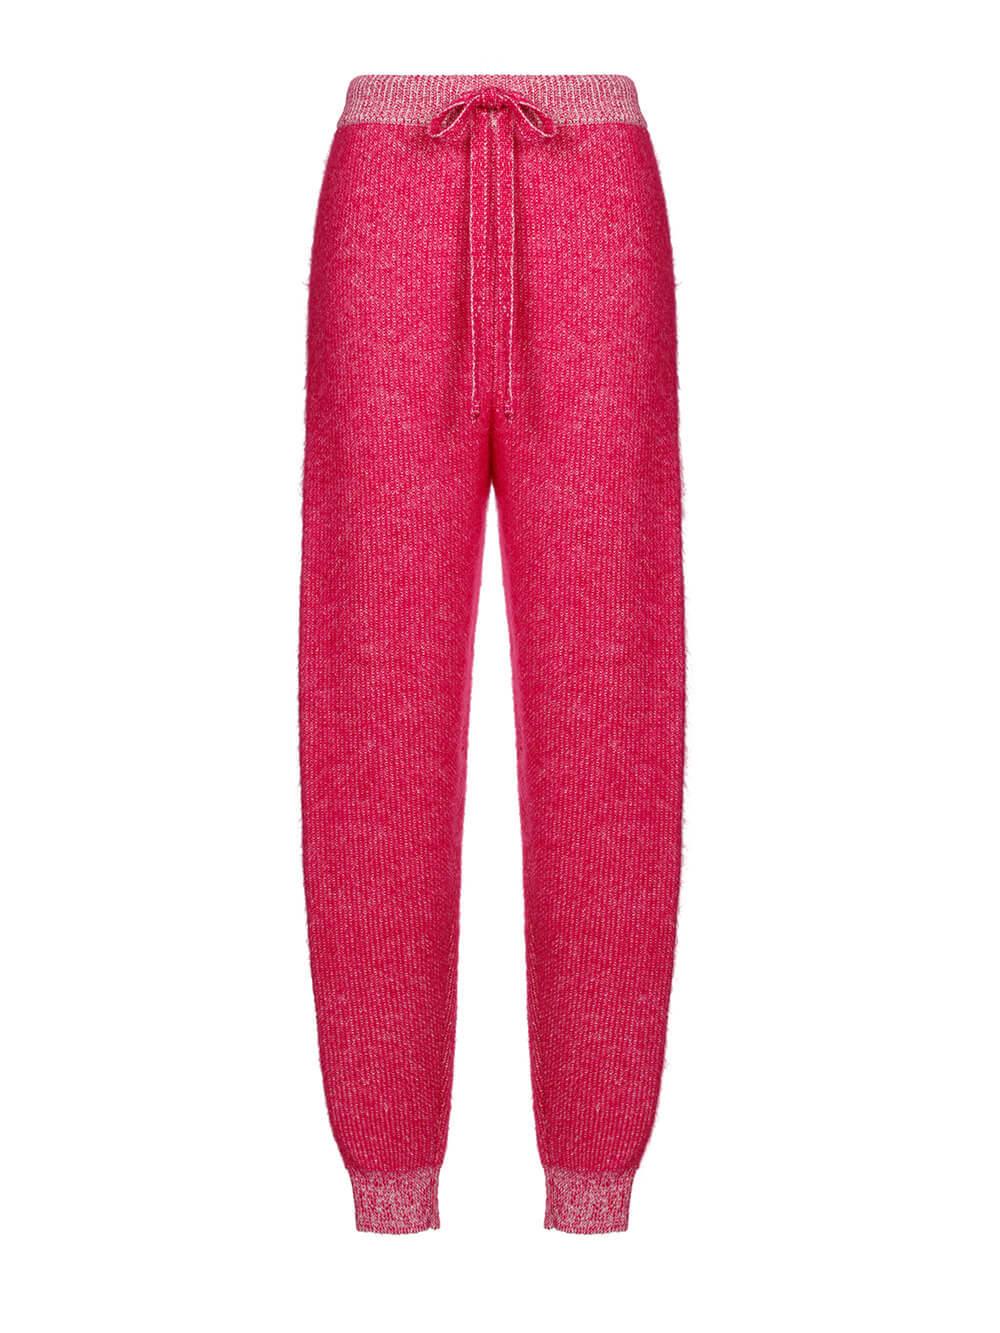 Женские брюки розового цвета из мохера и кашемира - фото 1